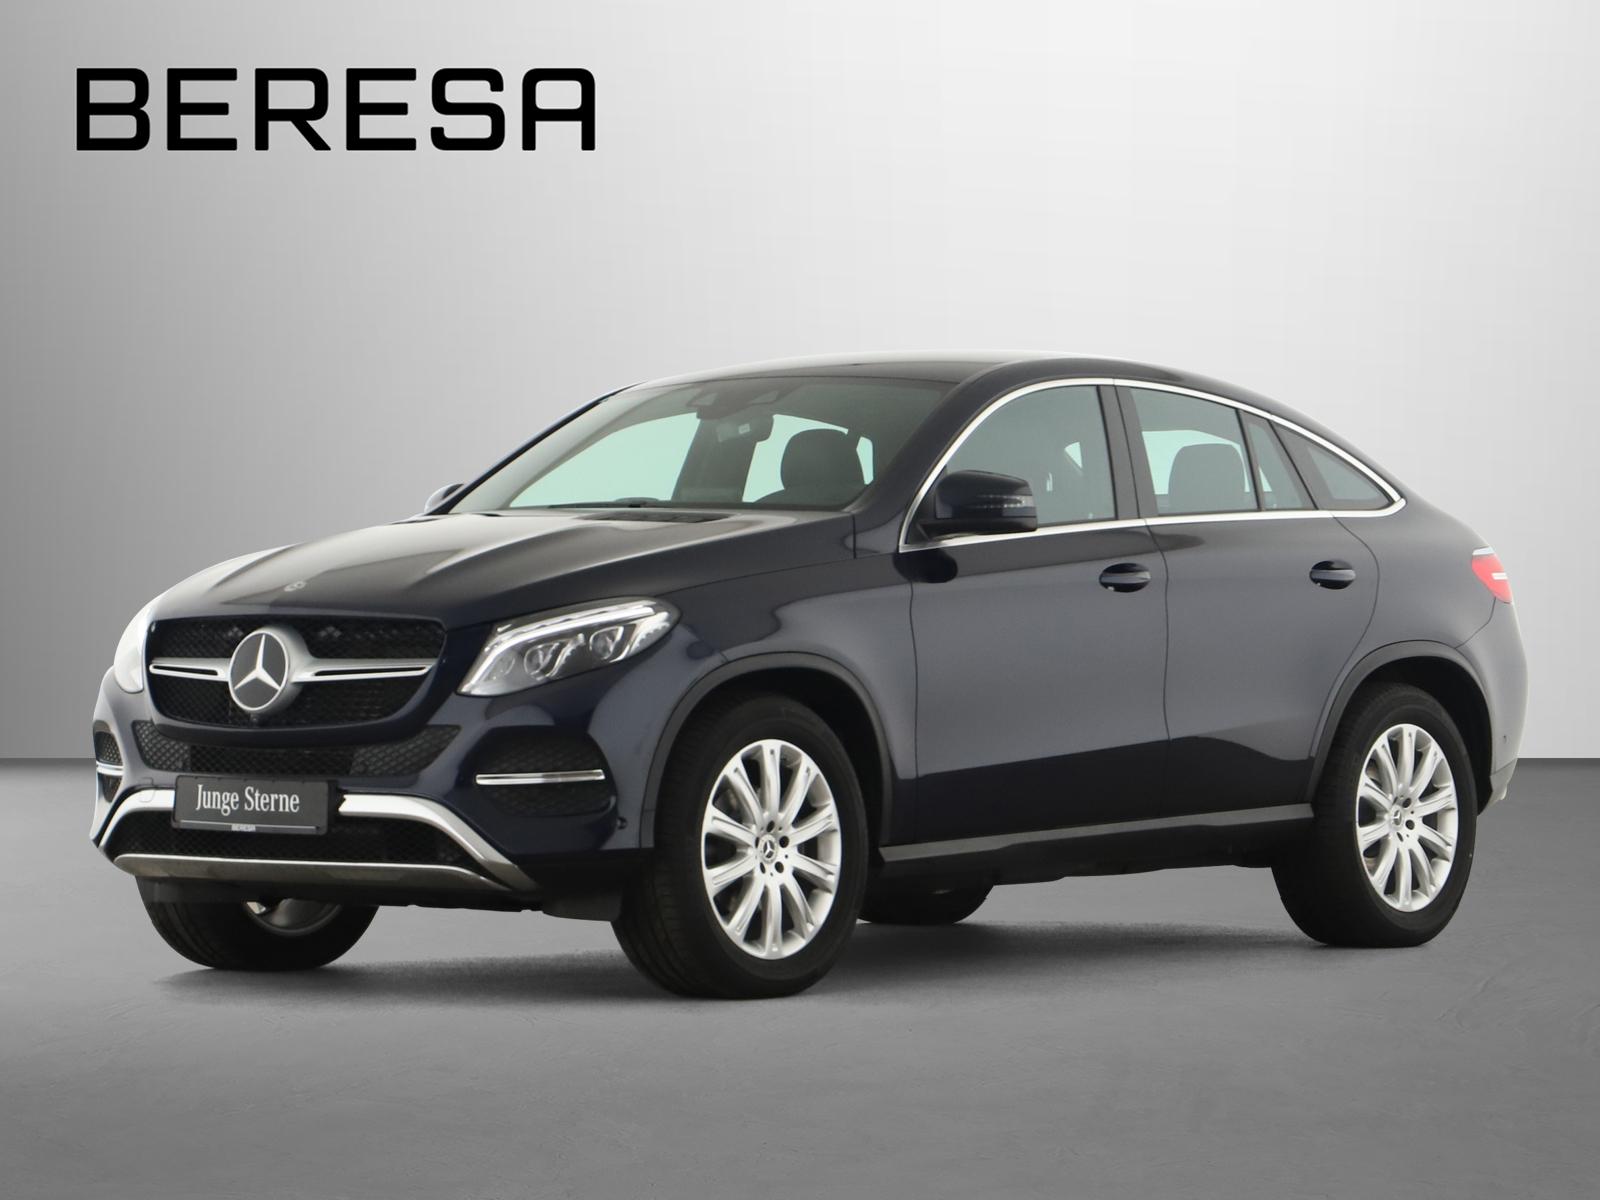 Mercedes-Benz GLE 350 d 4M Coupé Sitzklima Comand Fahrassist., Jahr 2017, Diesel